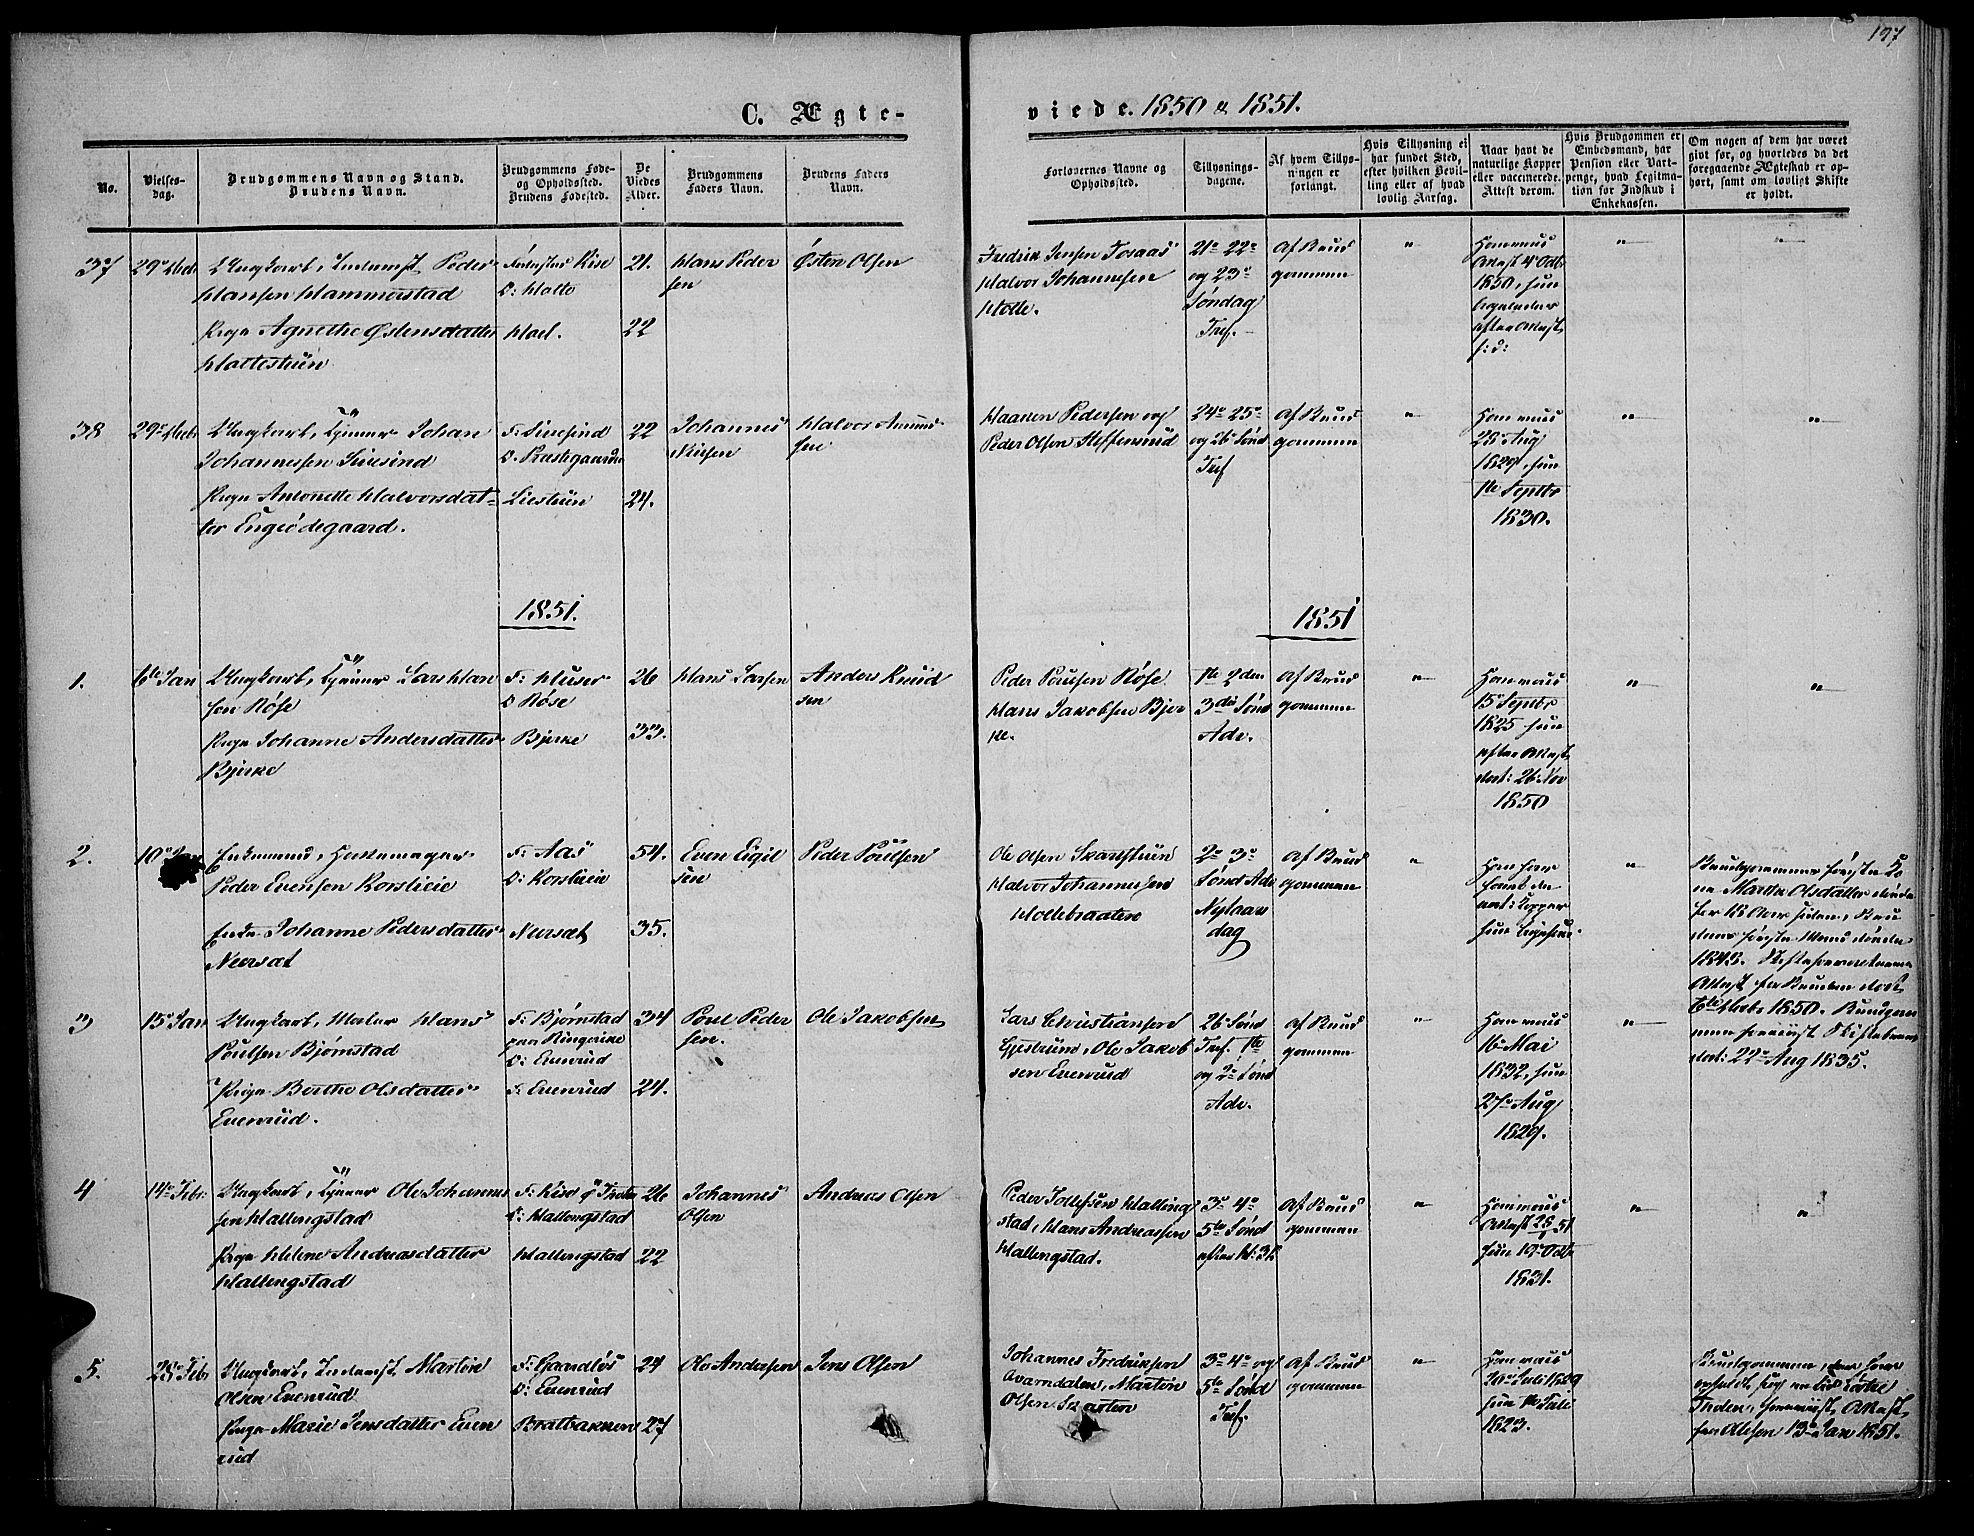 SAH, Vestre Toten prestekontor, Ministerialbok nr. 5, 1850-1855, s. 197